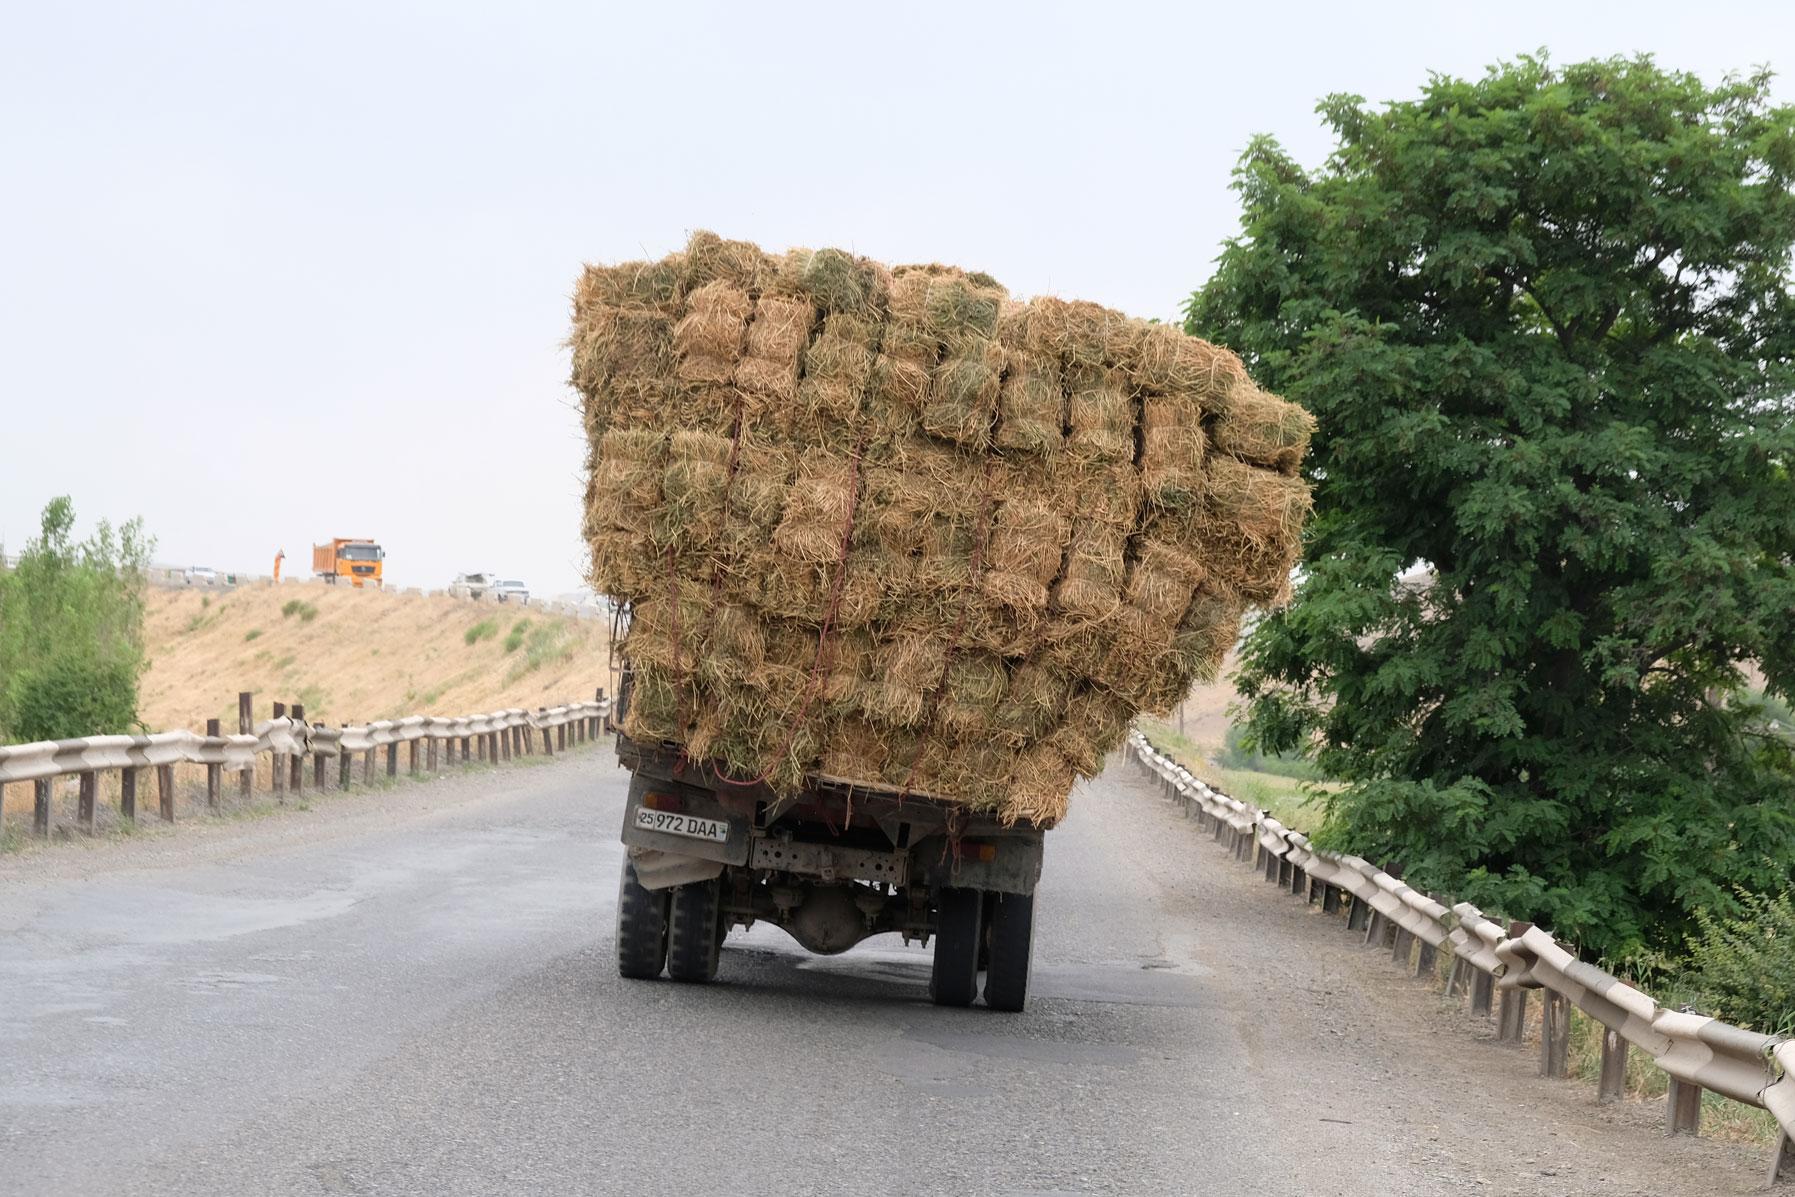 Mit Heu beladener Lastwagen auf einer Straße